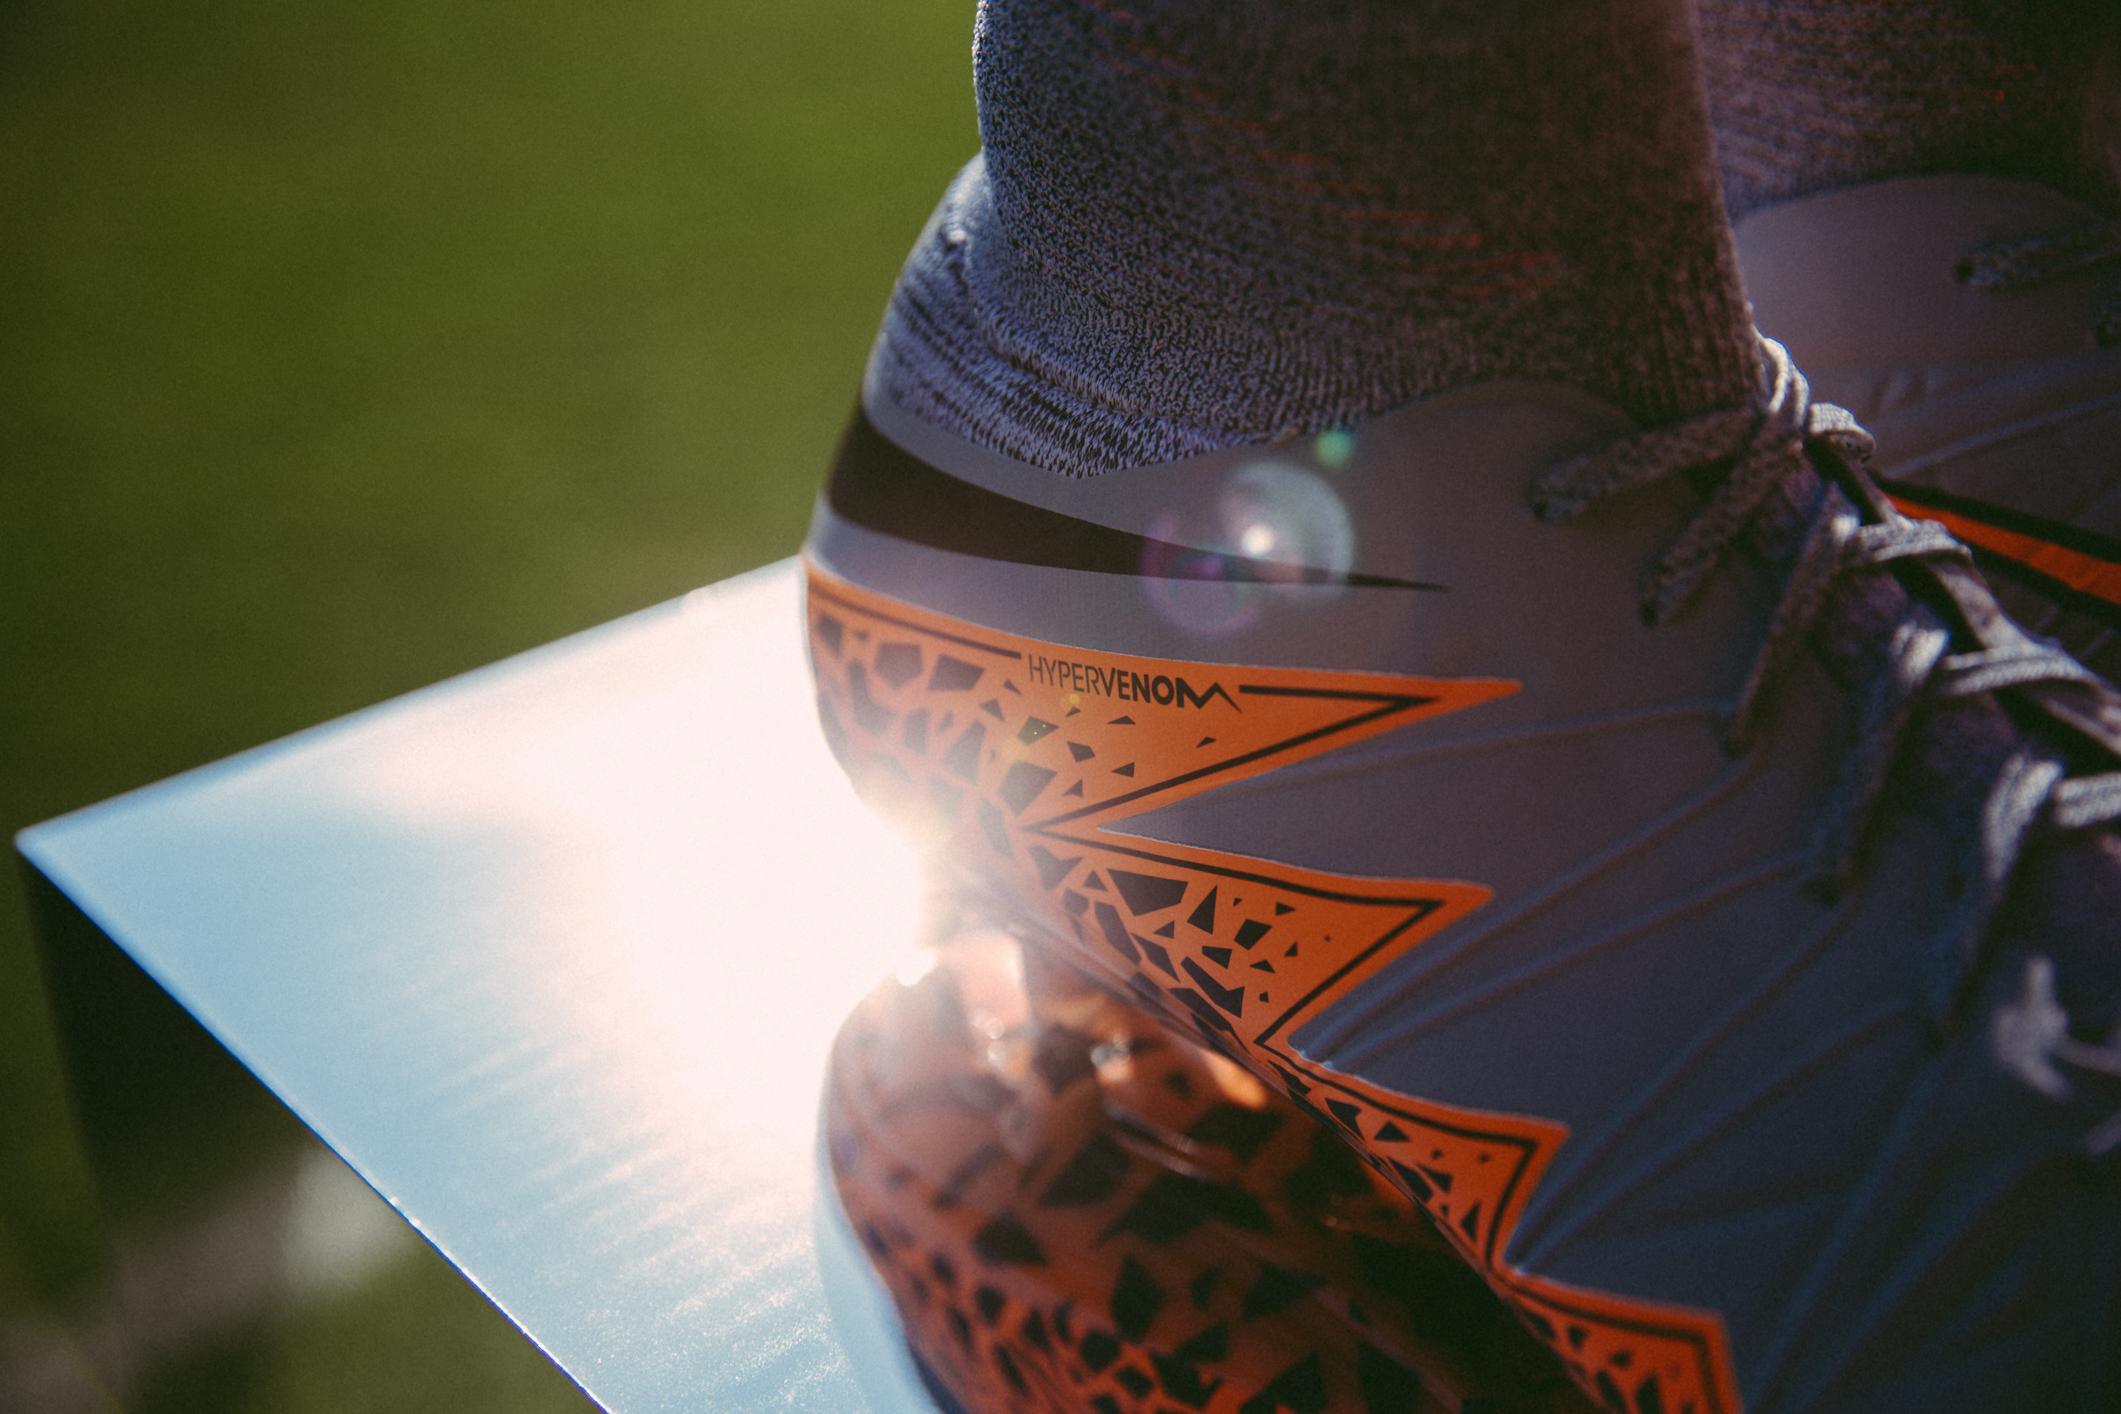 Succede Hypervenom Hypervenom 2Cosa Nike Nike wyv8nOPmN0